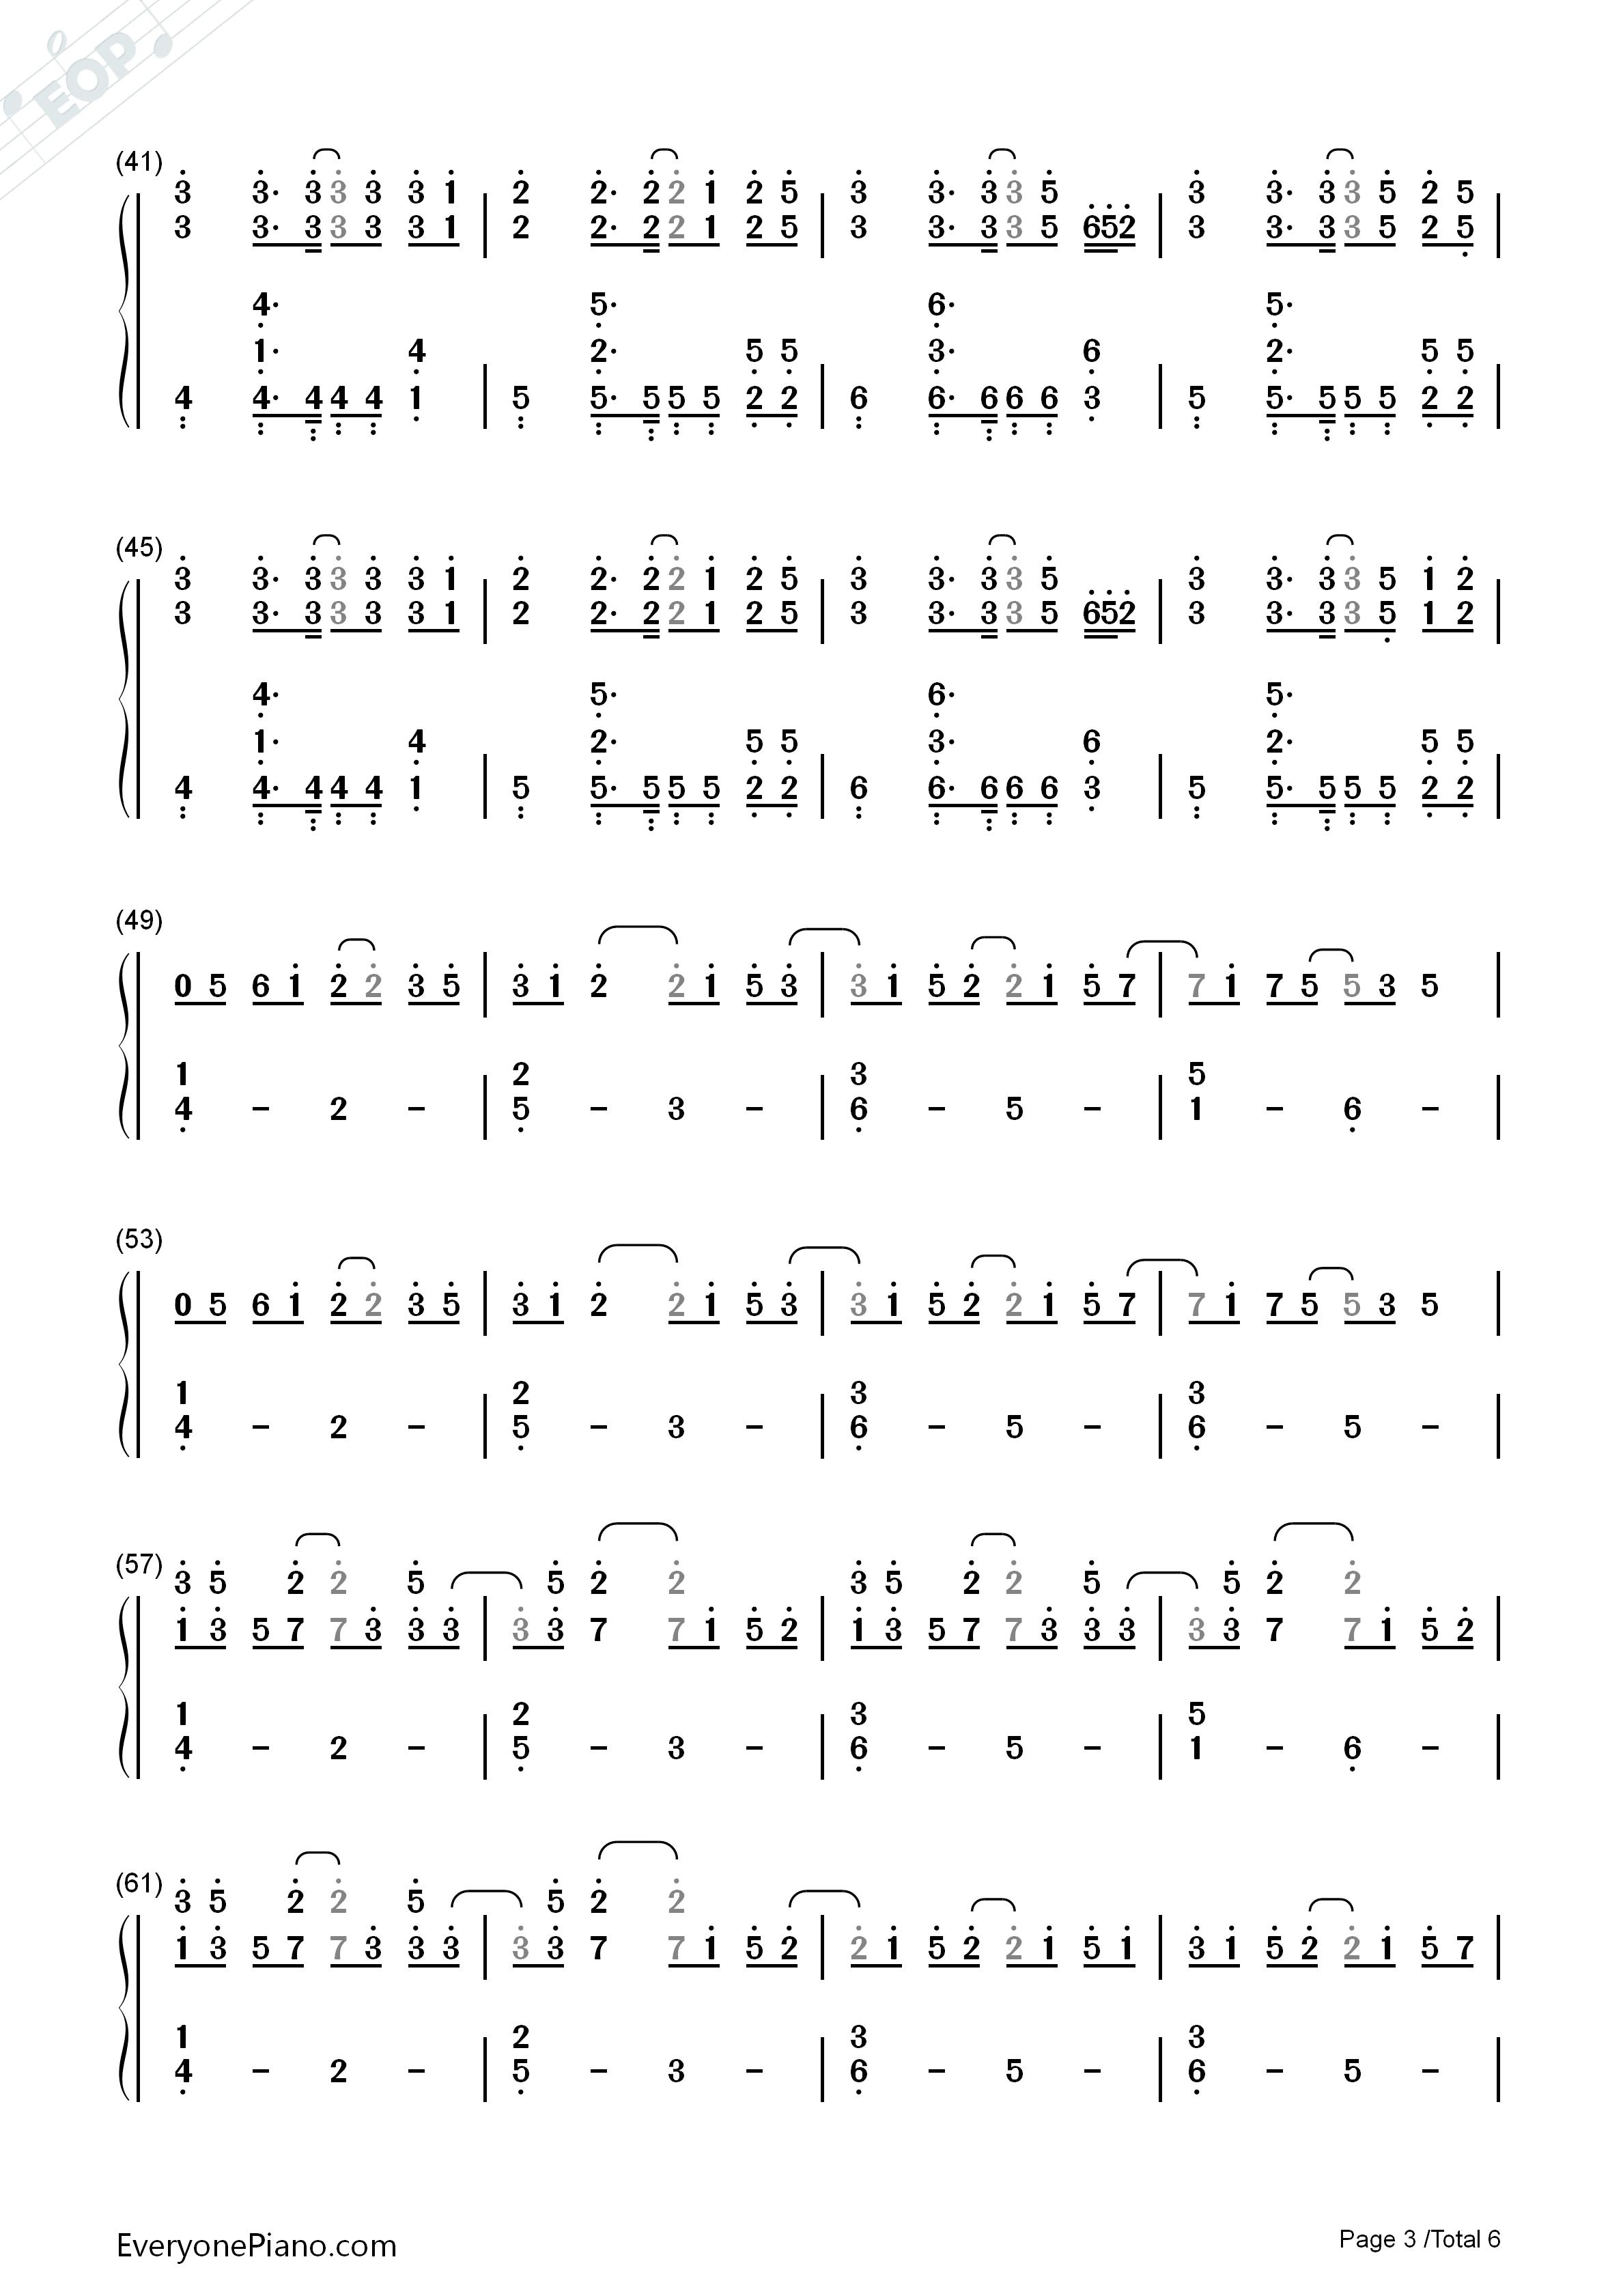 夜的钢琴曲五钢琴谱_China-X-徐梦圆双手简谱预览-EOP在线乐谱架